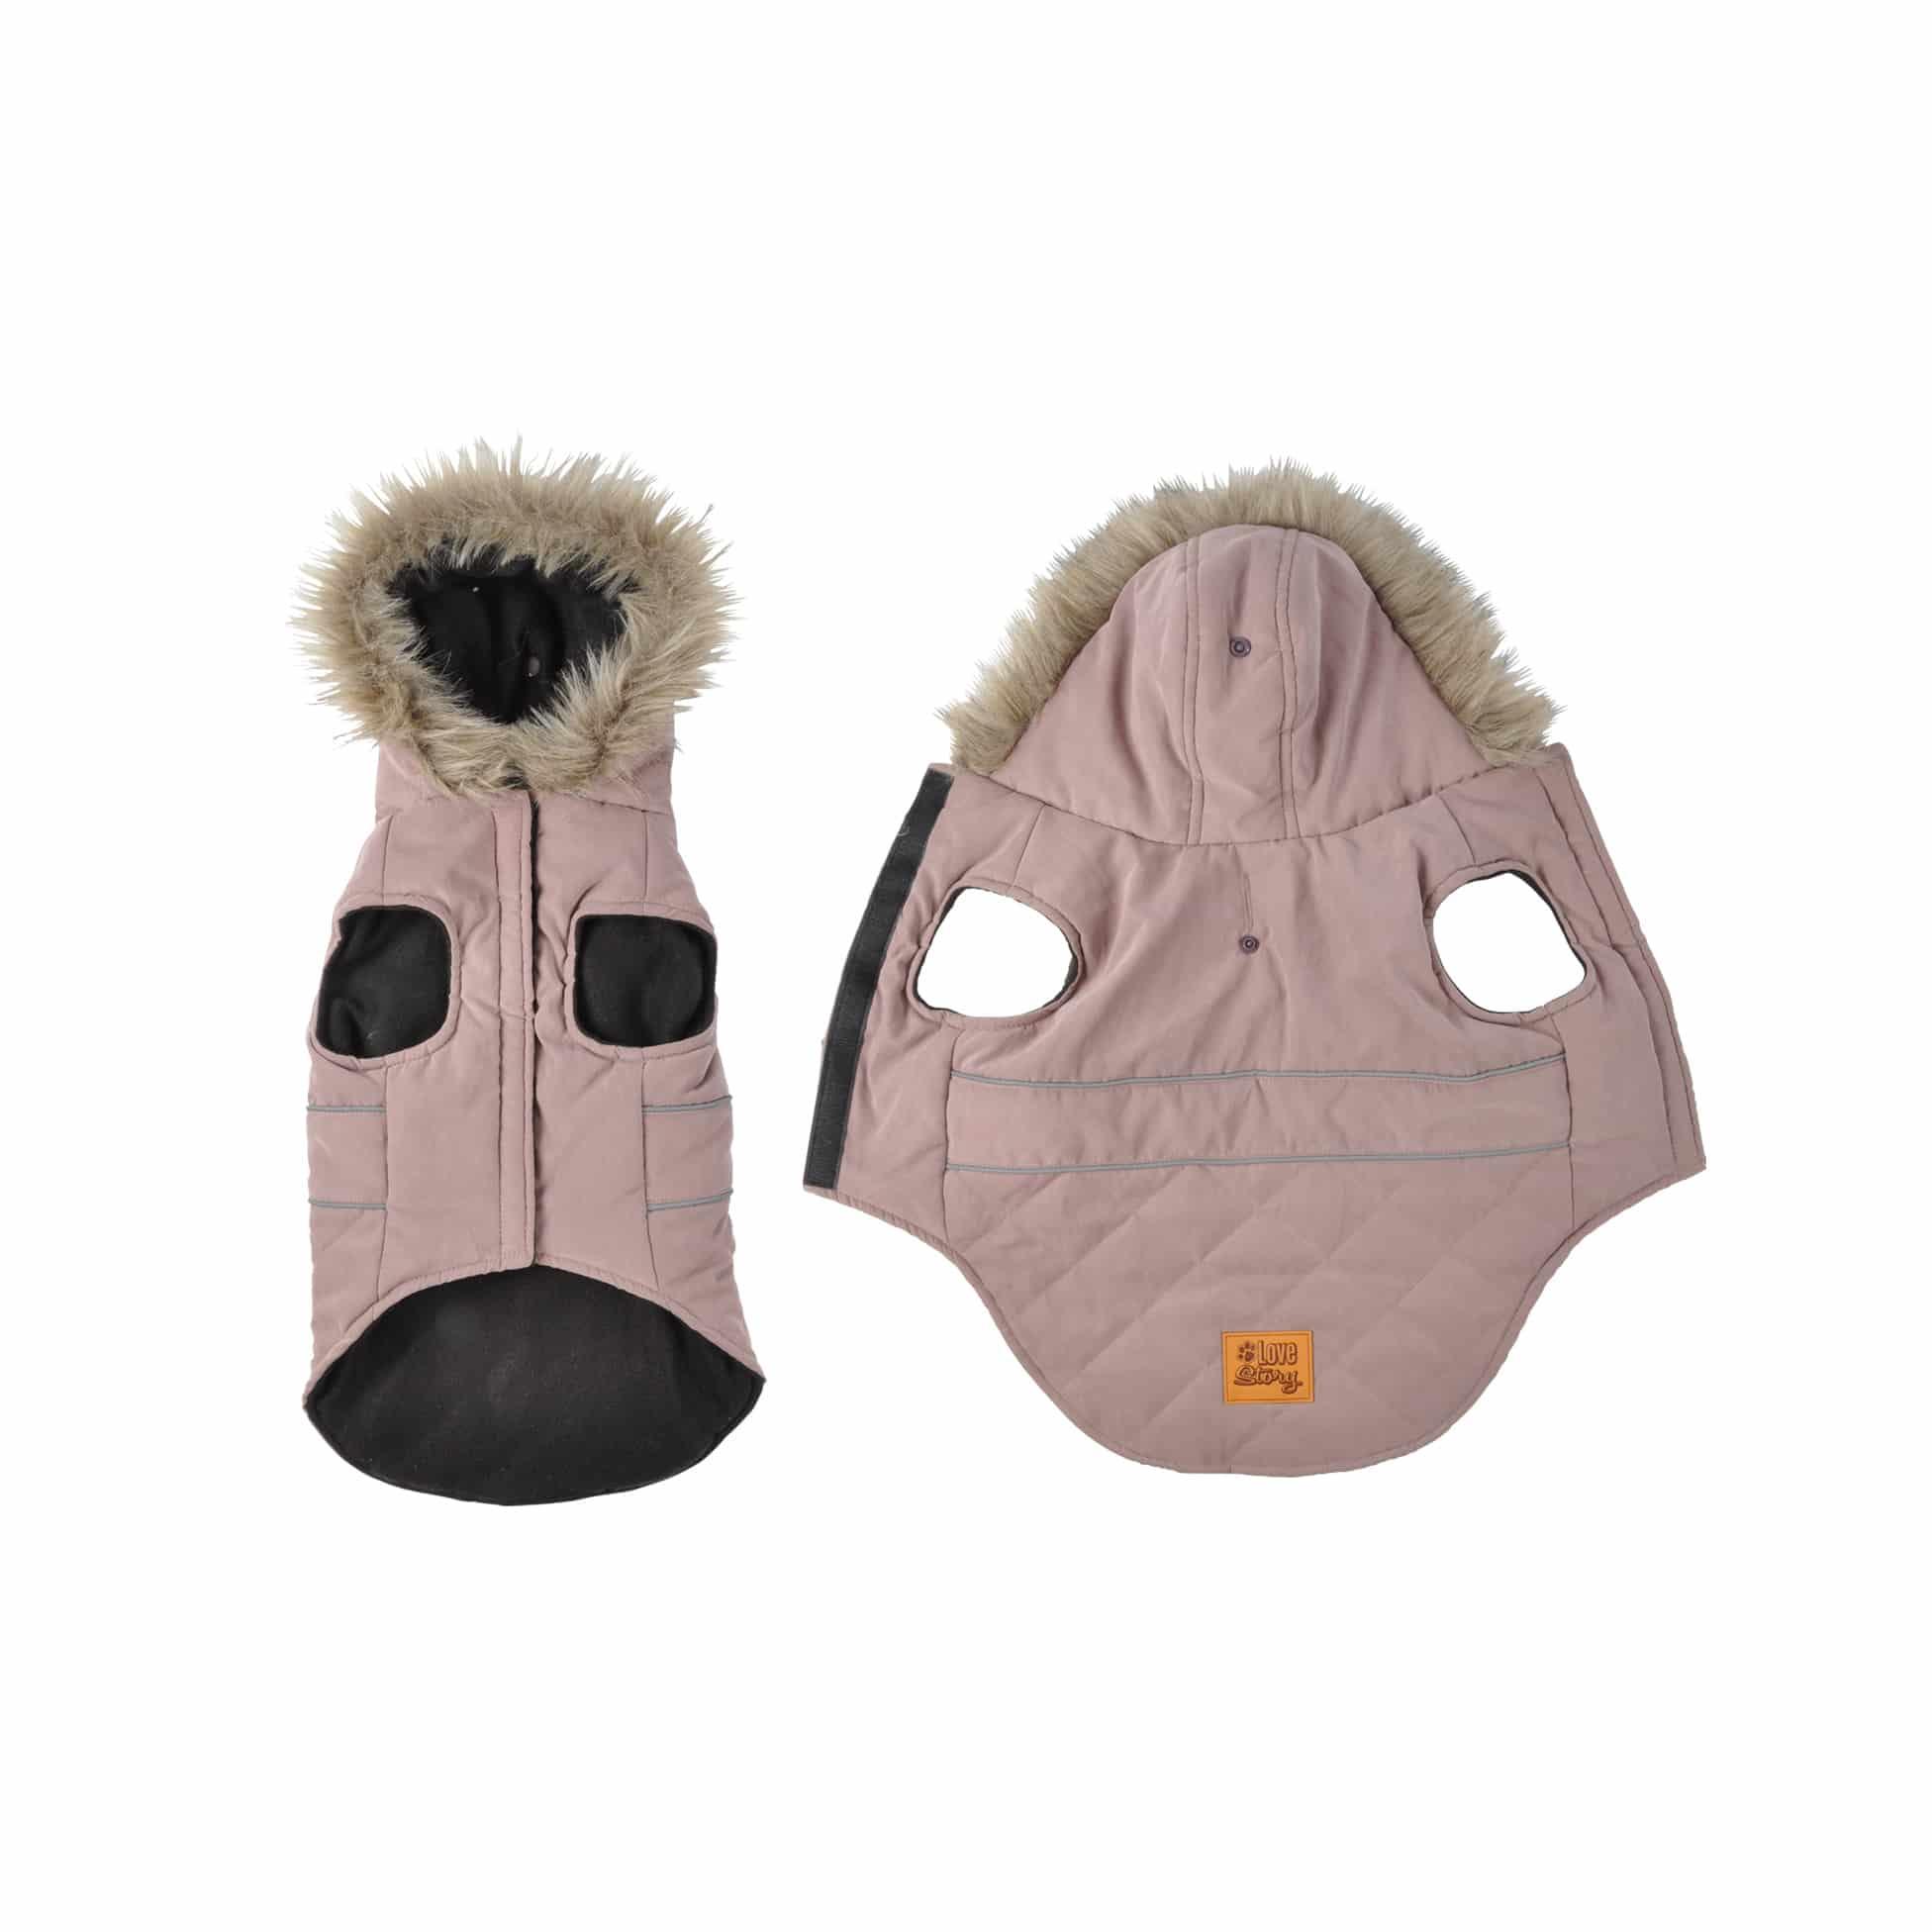 4goodz Hondenjas met bontkraag - winterjas hond 30 cm - Roze